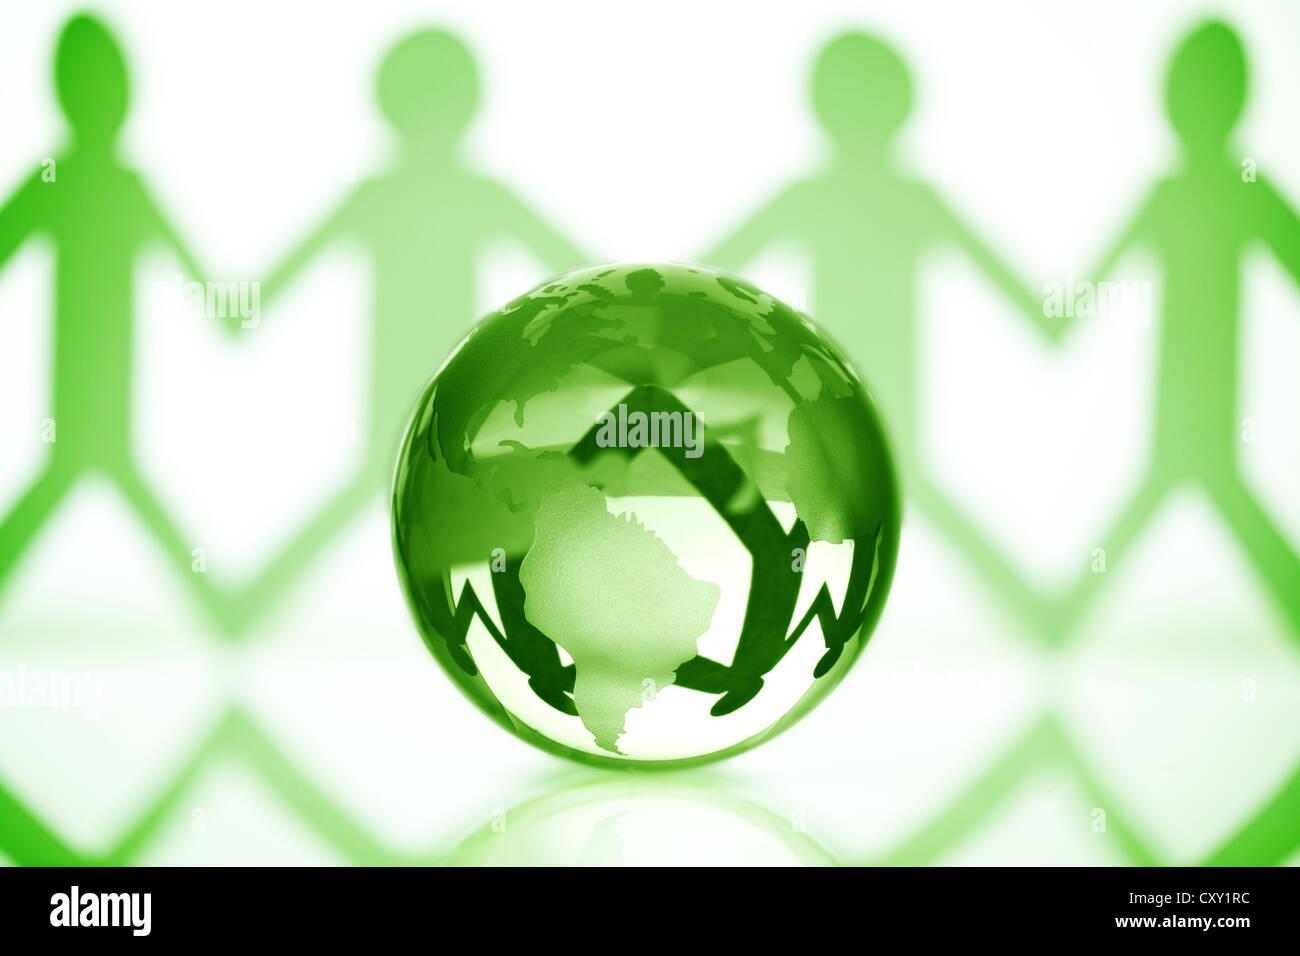 Globale Gemeinschaft Stockbild